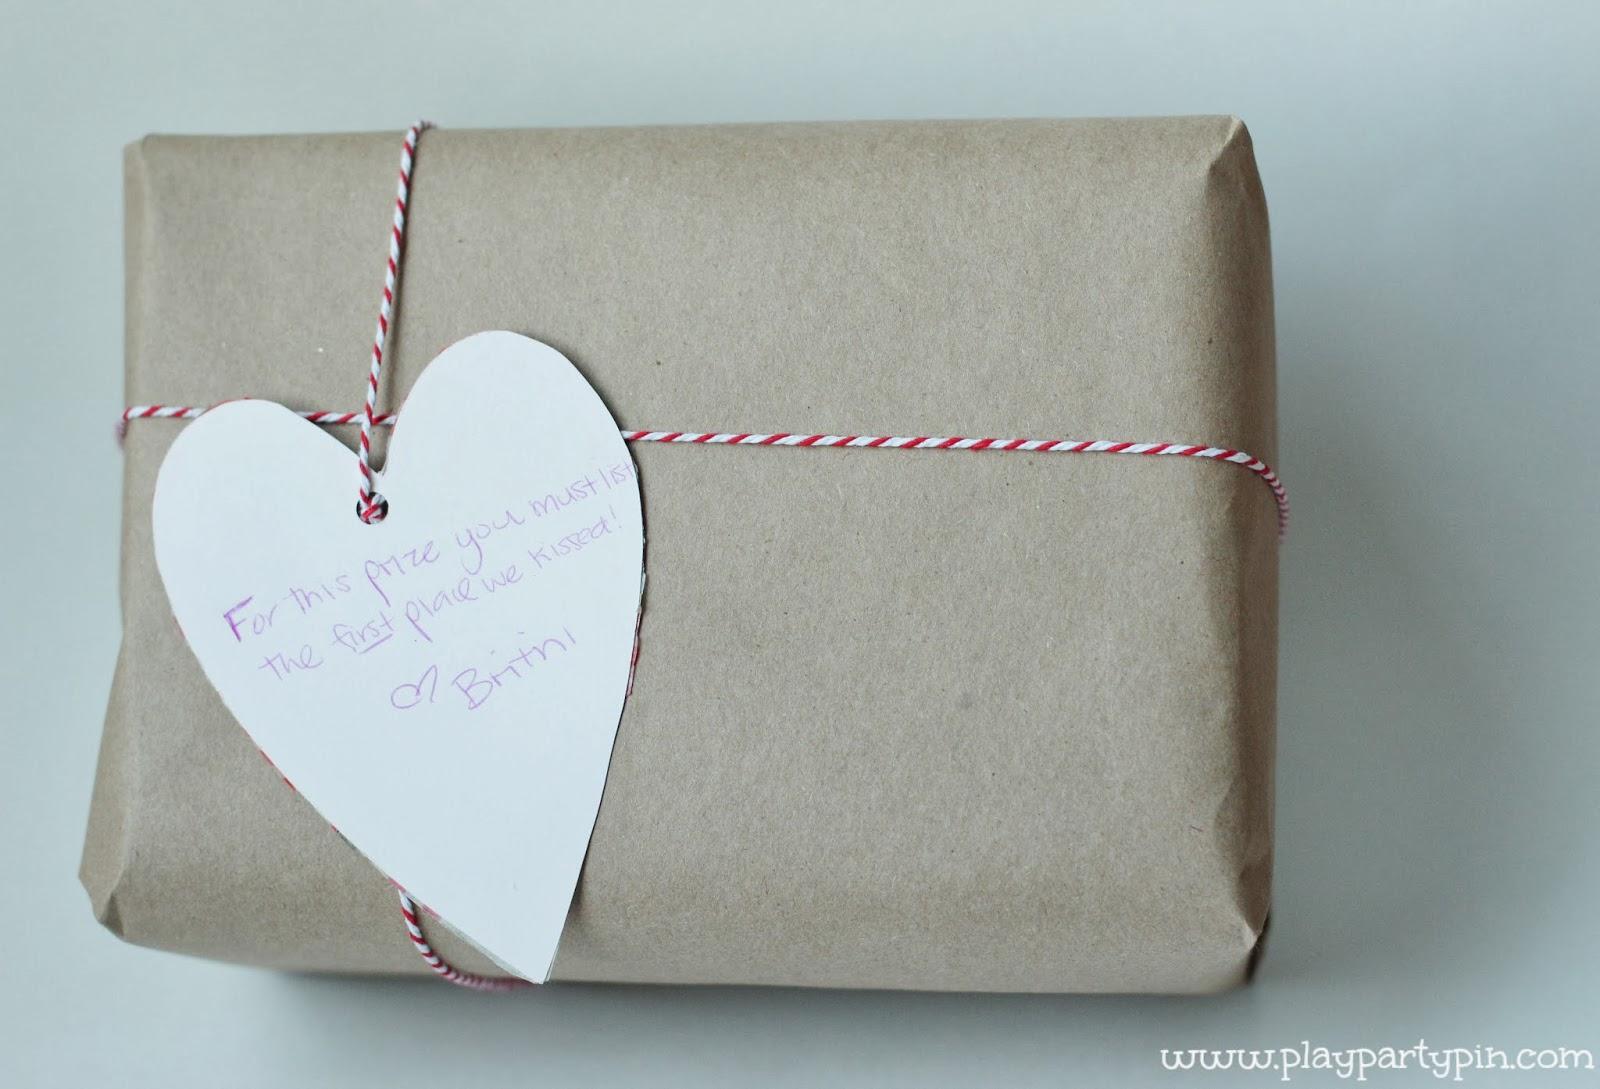 gift ideas for boyfriend of 8 months